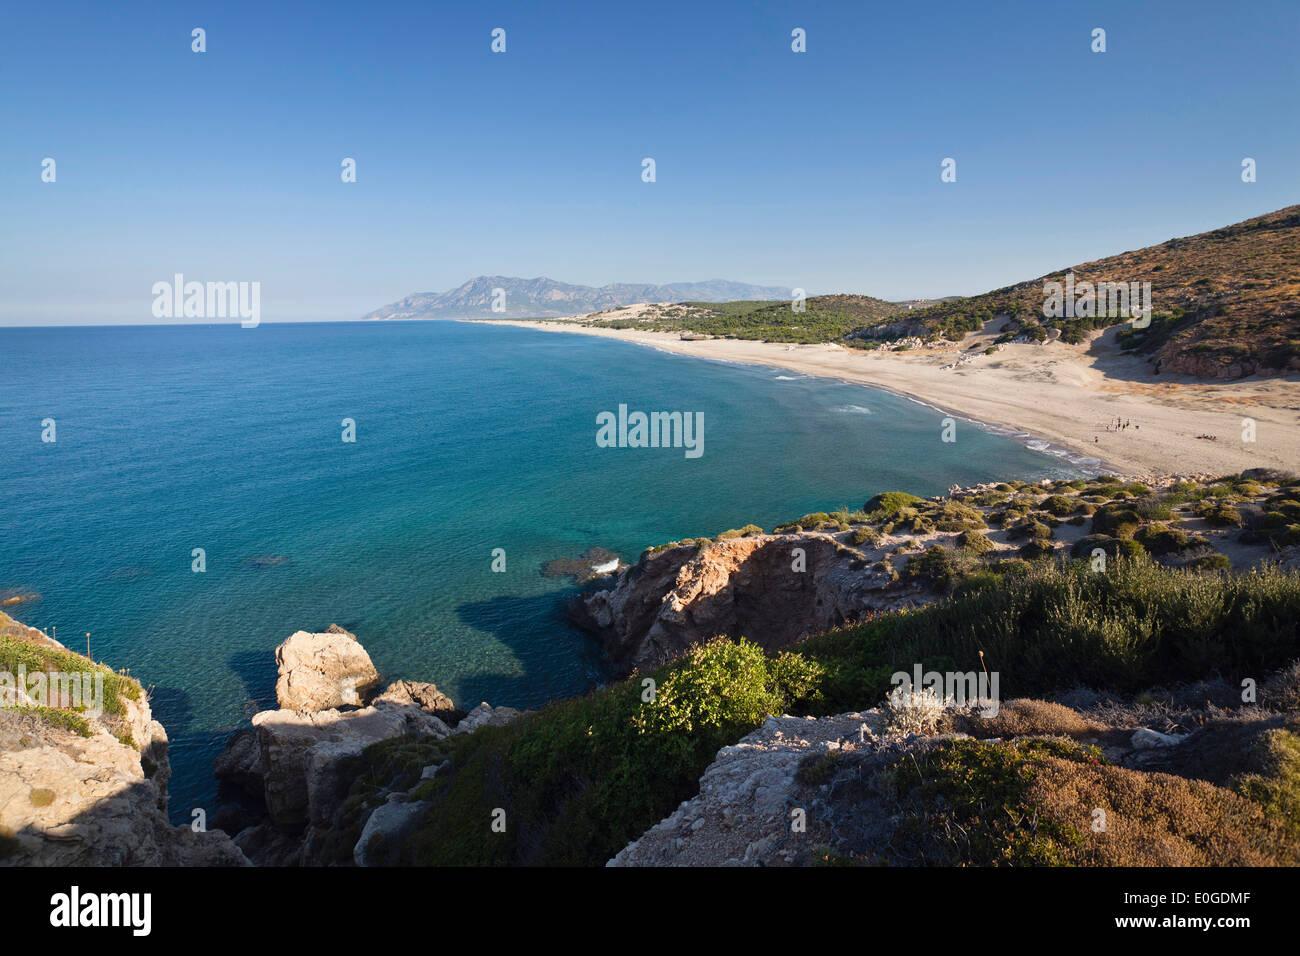 Spiaggia di sabbia di Patara, lycian coast, Mare mediterraneo, Turchia Immagini Stock